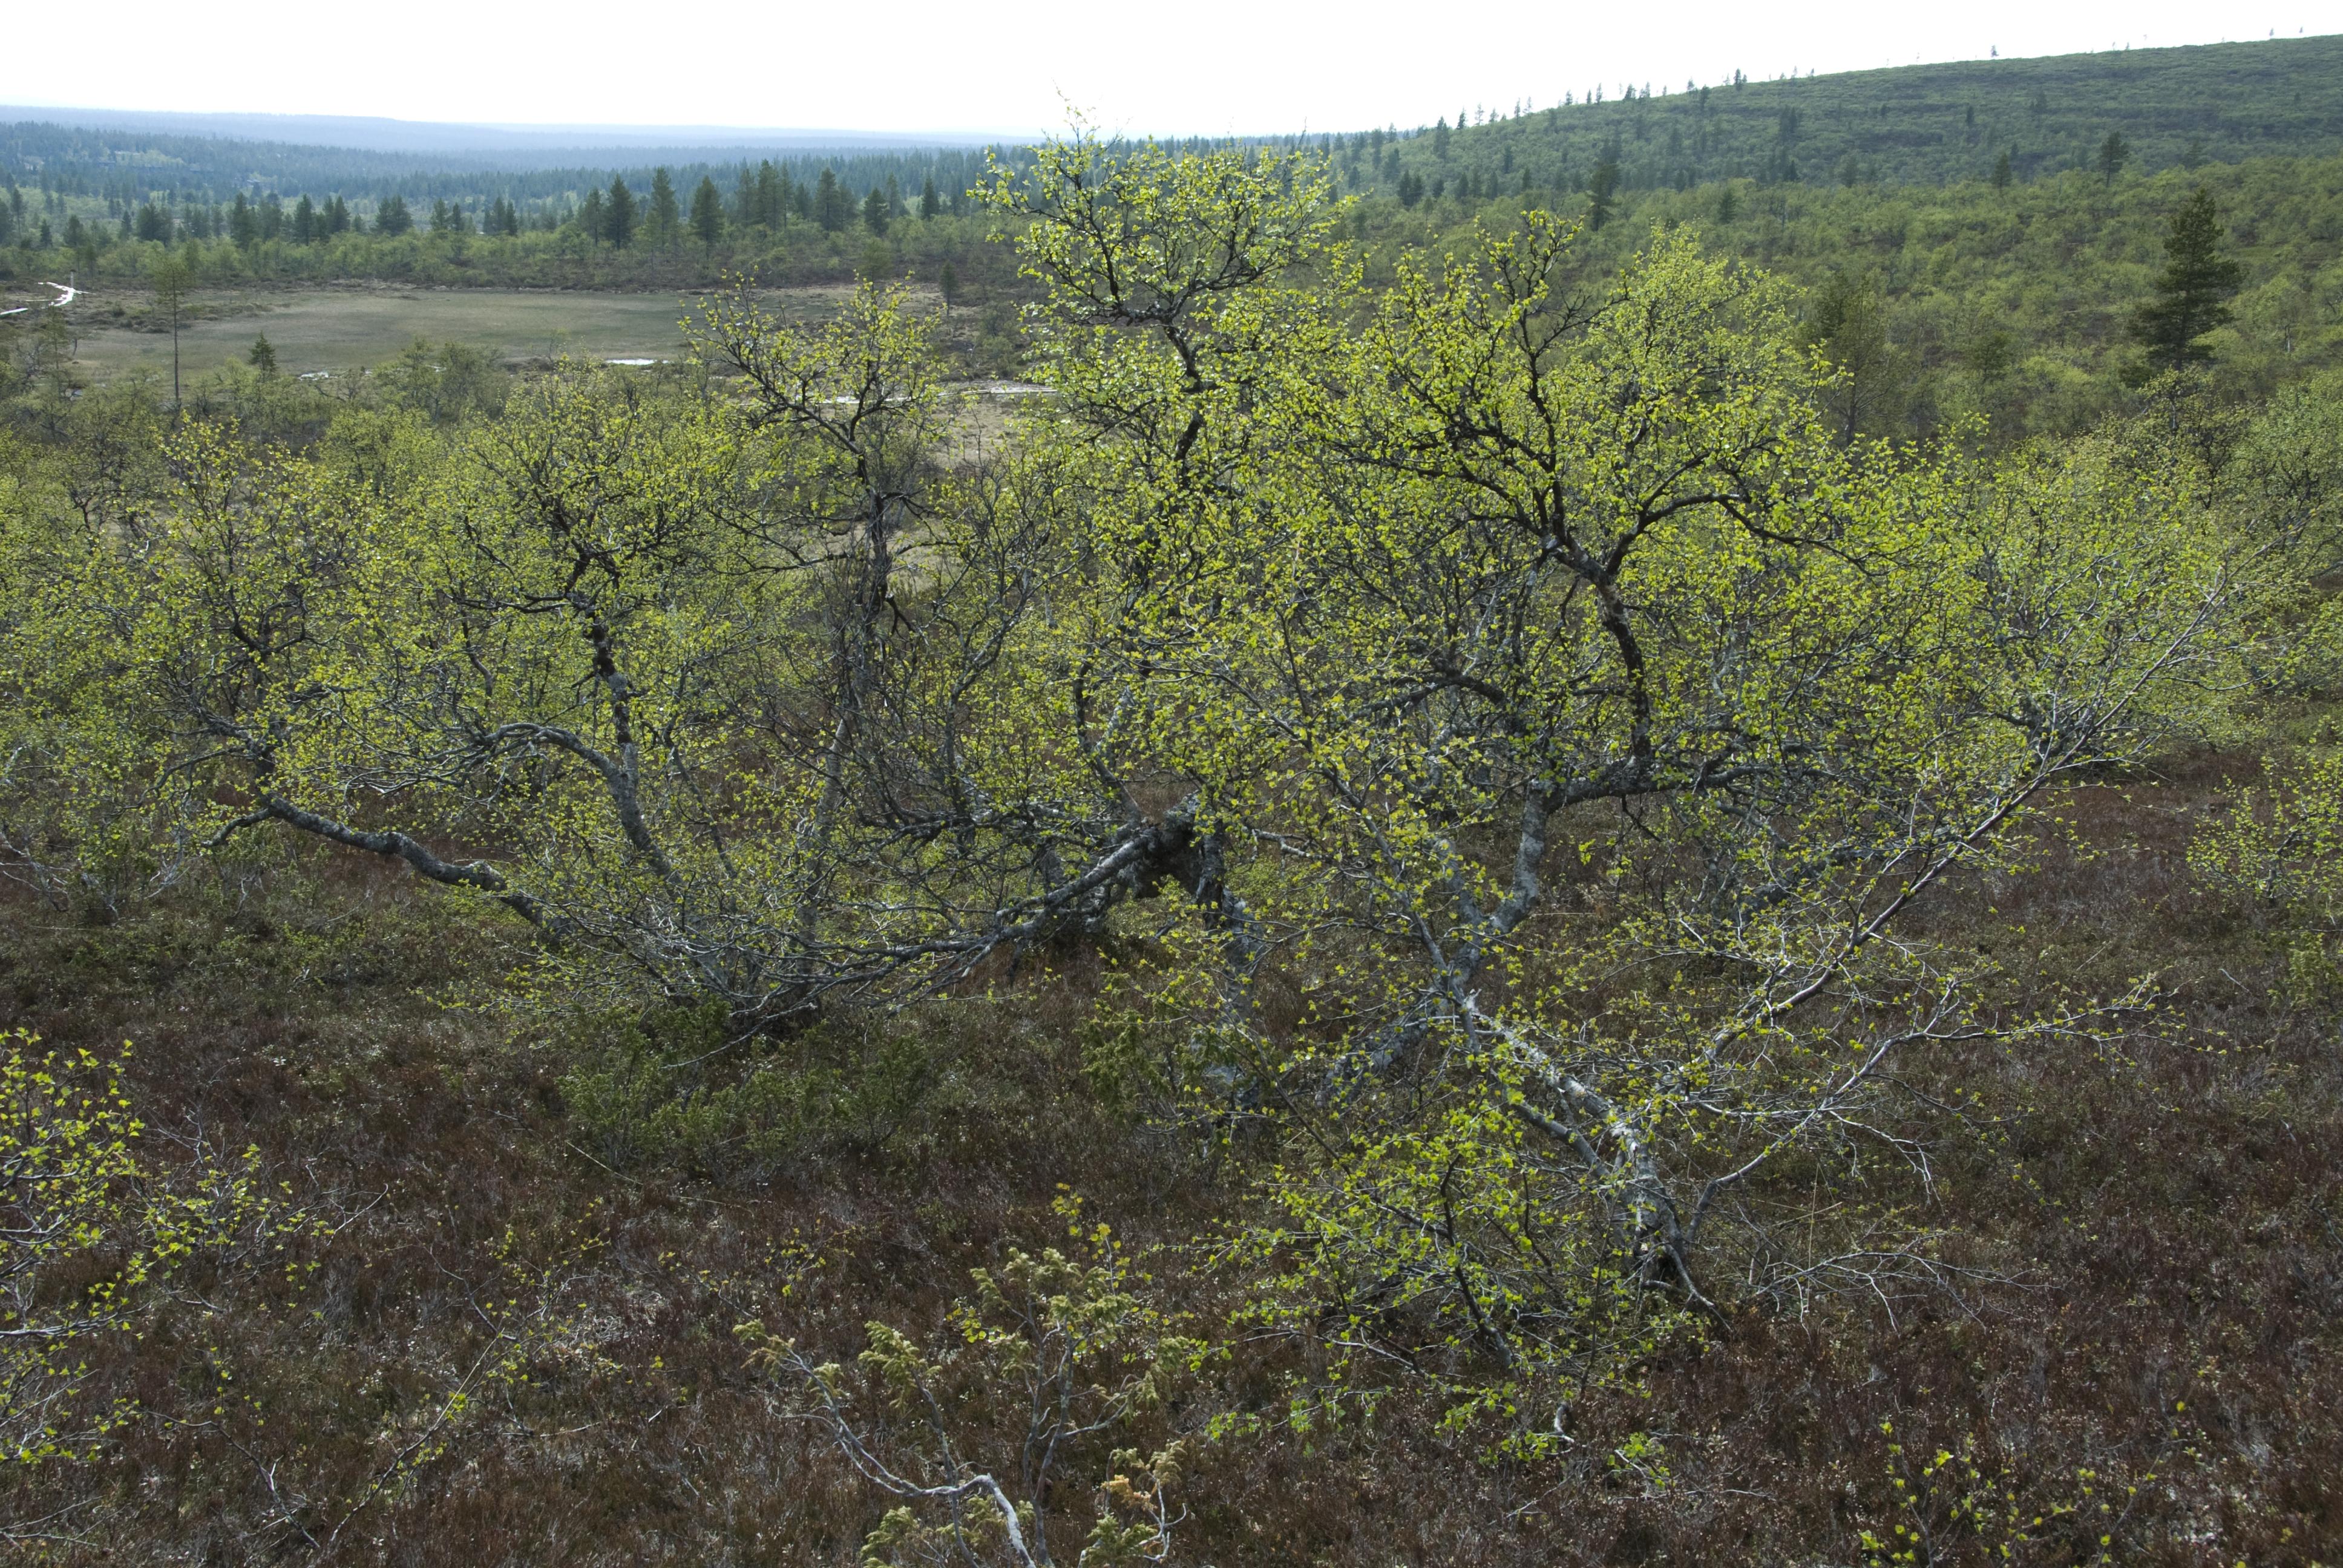 Kiilopäänkoivu on tunturikoivun maanmyötäisesti kasvava muunnos, jota löytyy vain Saariselän alueelta. Kuva Hannu Eskonen.